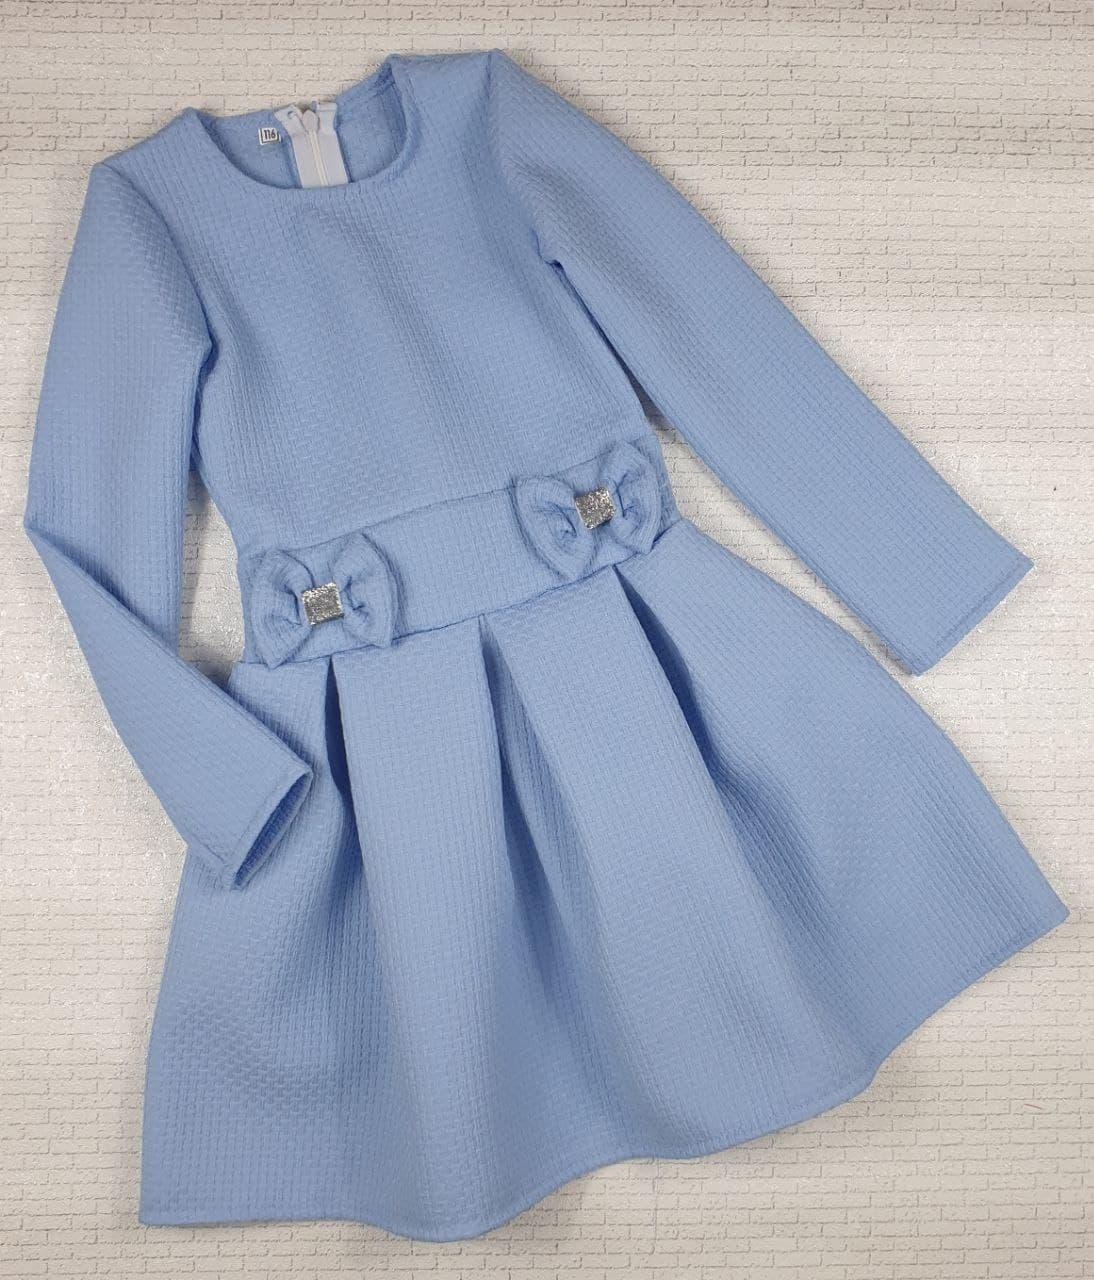 Сукня ДВА БАНТИКА на дівчинку 104,110,116,122,128,134 см, блакитний